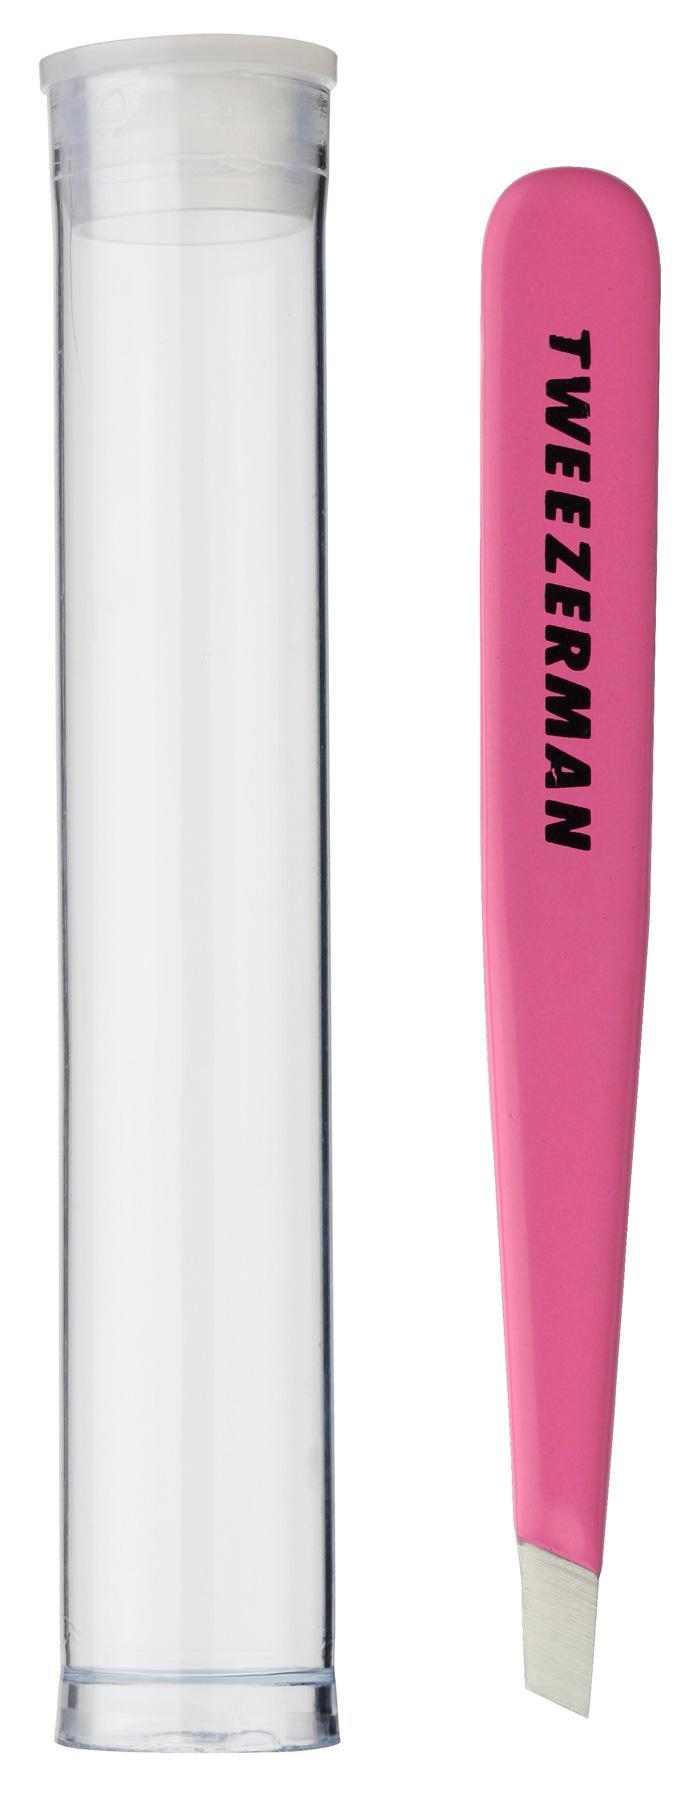 Tweezerman - 1248-FPR - Mini Slant Tweezer Flamingo